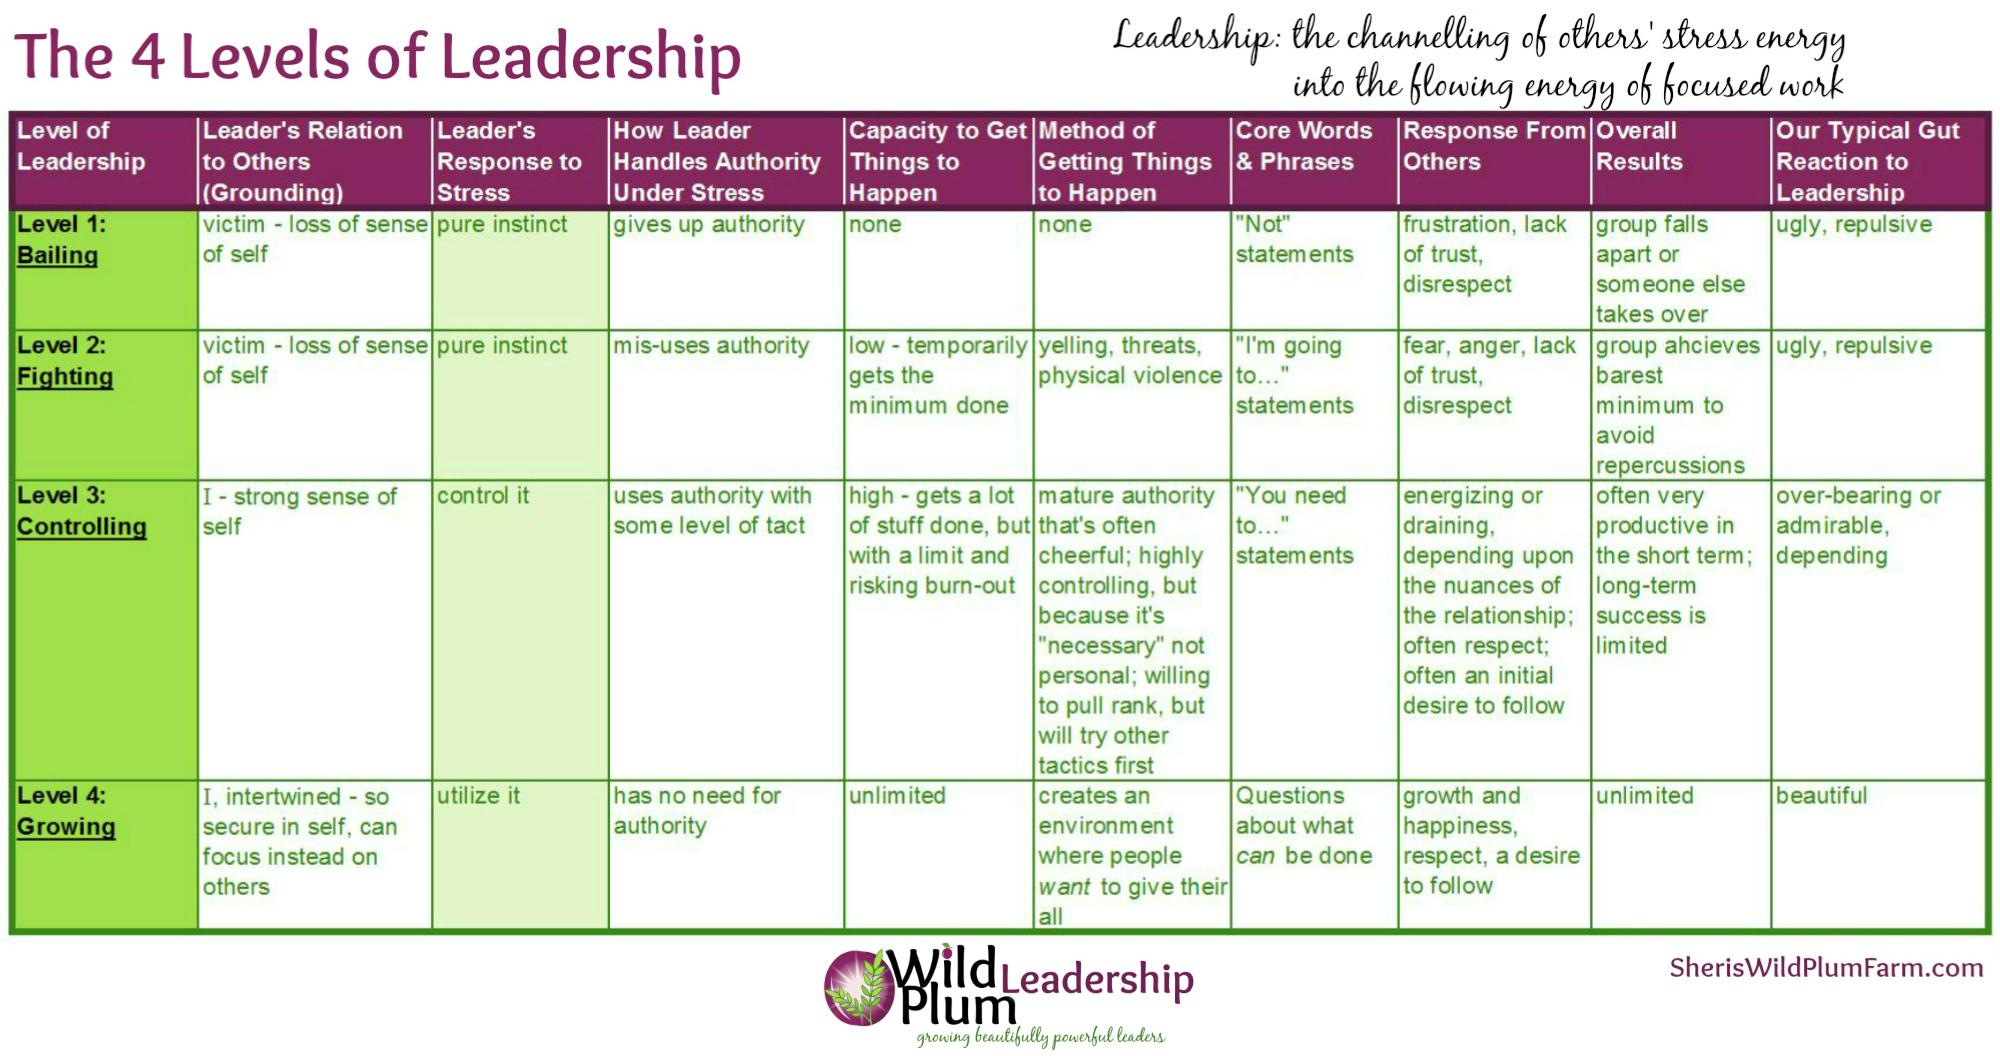 4 levels of leadership WPF growing3.jpg